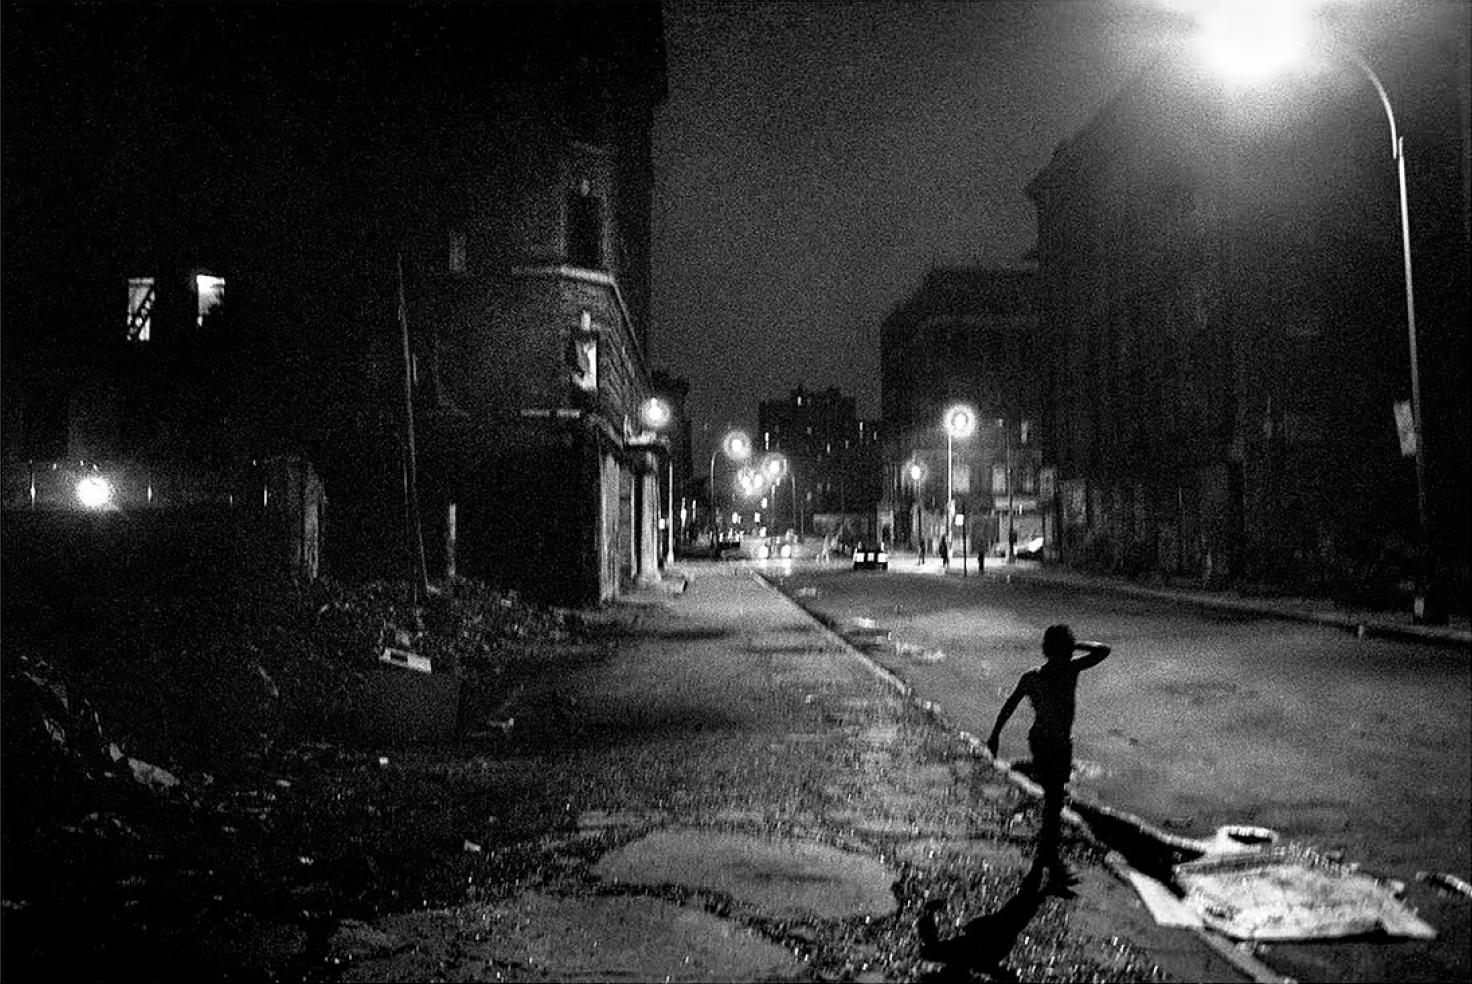 Ken Schles,  Boy on East 5th Street, 4th of July , 1984